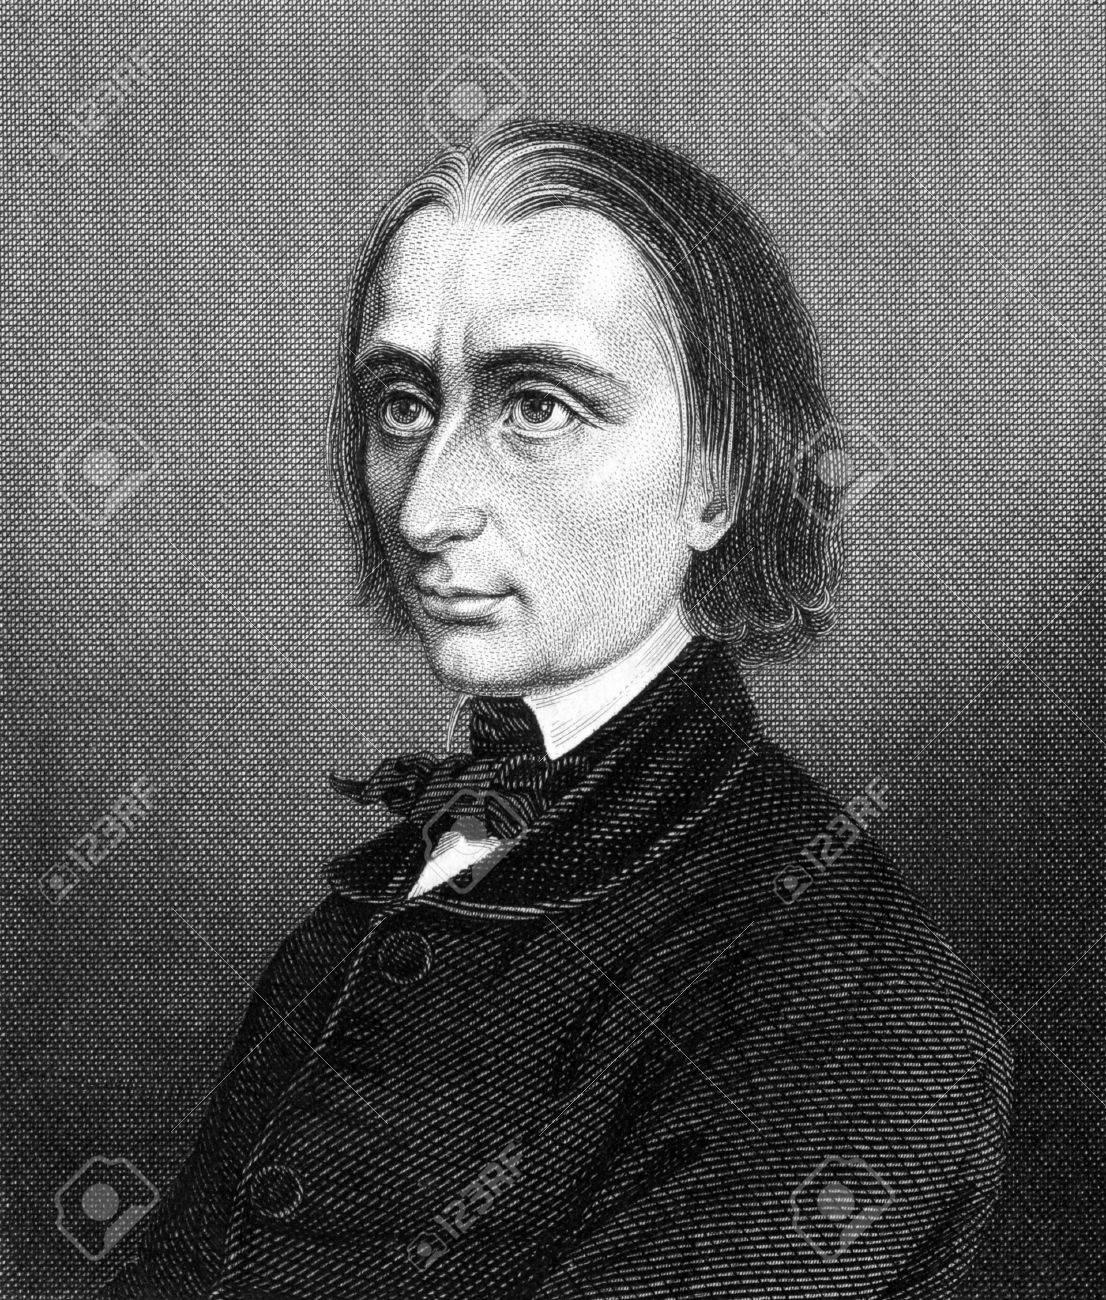 <b>Franz Liszt</b> (1811-1886) auf Stich aus 1859. Ungarische Komponist, Pianist - 15111686-Franz-Liszt-1811-1886-auf-Stich-aus-1859-Ungarische-Komponist-Pianist-Dirigent-und-Lehrer-Gestochen--Lizenzfreie-Bilder